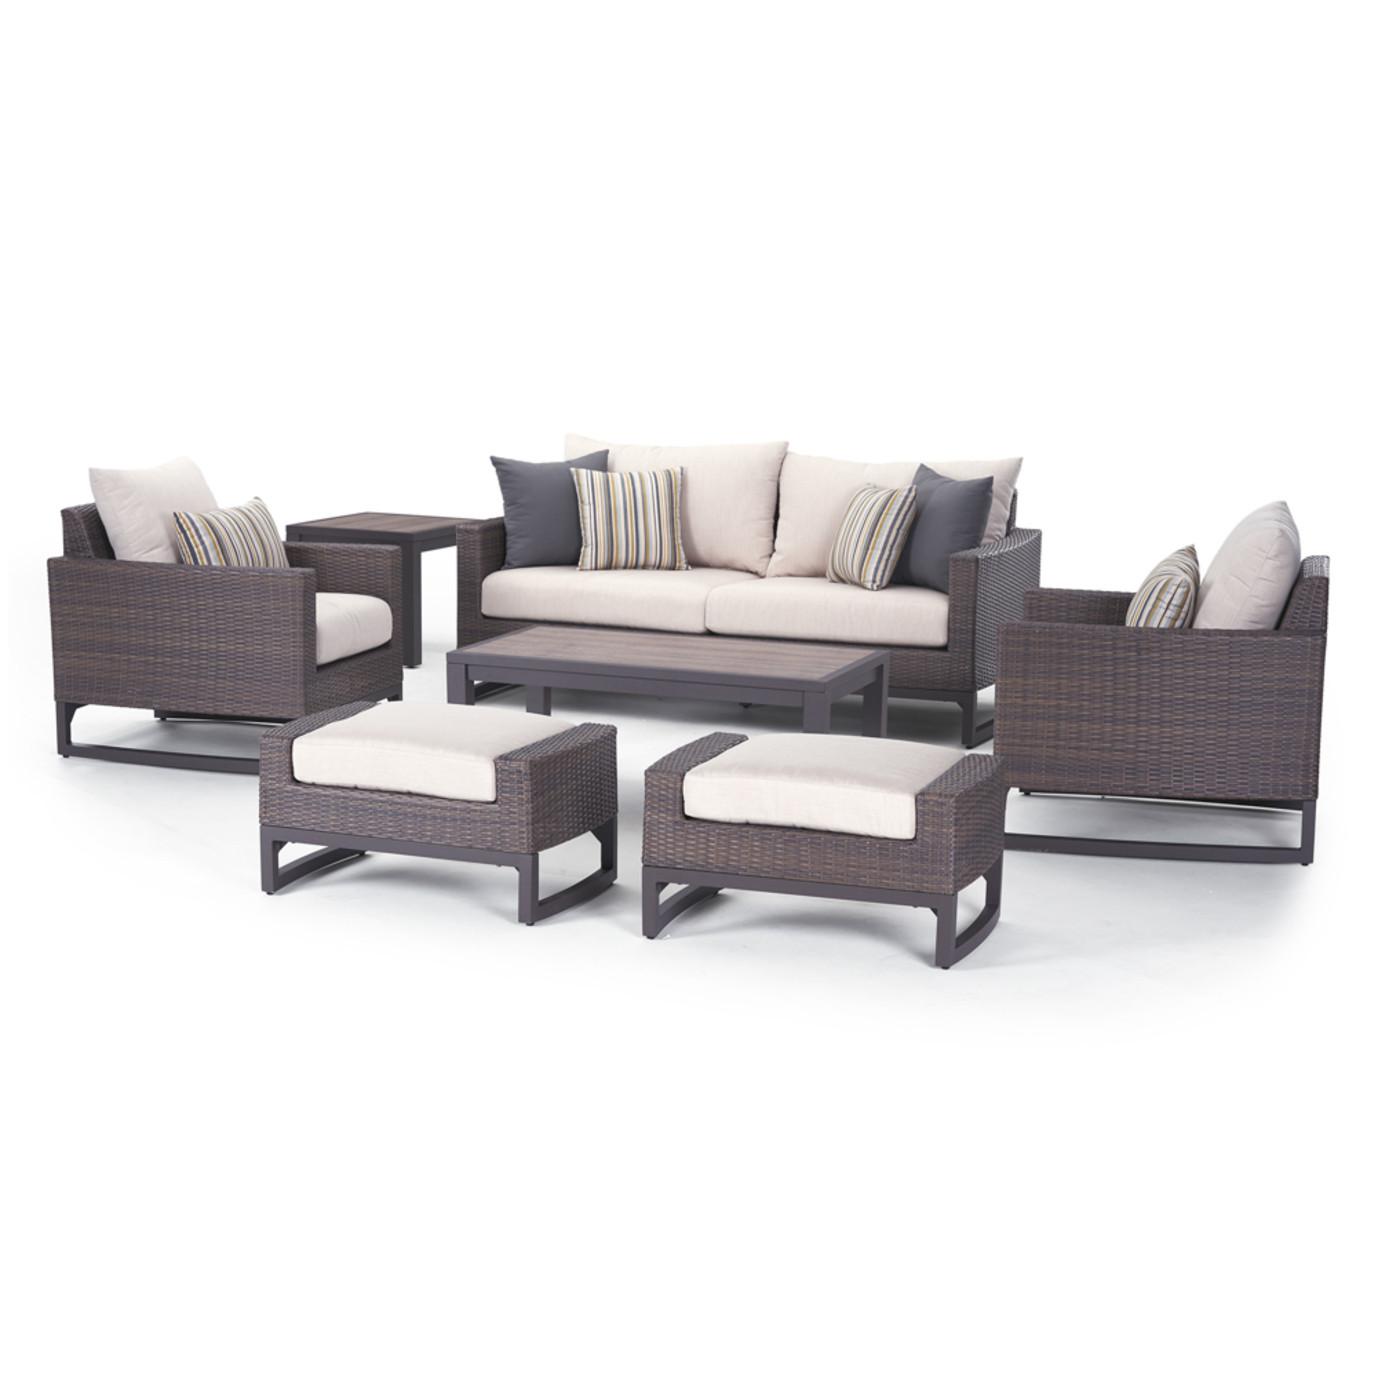 Milea 7 Piece Seating Set